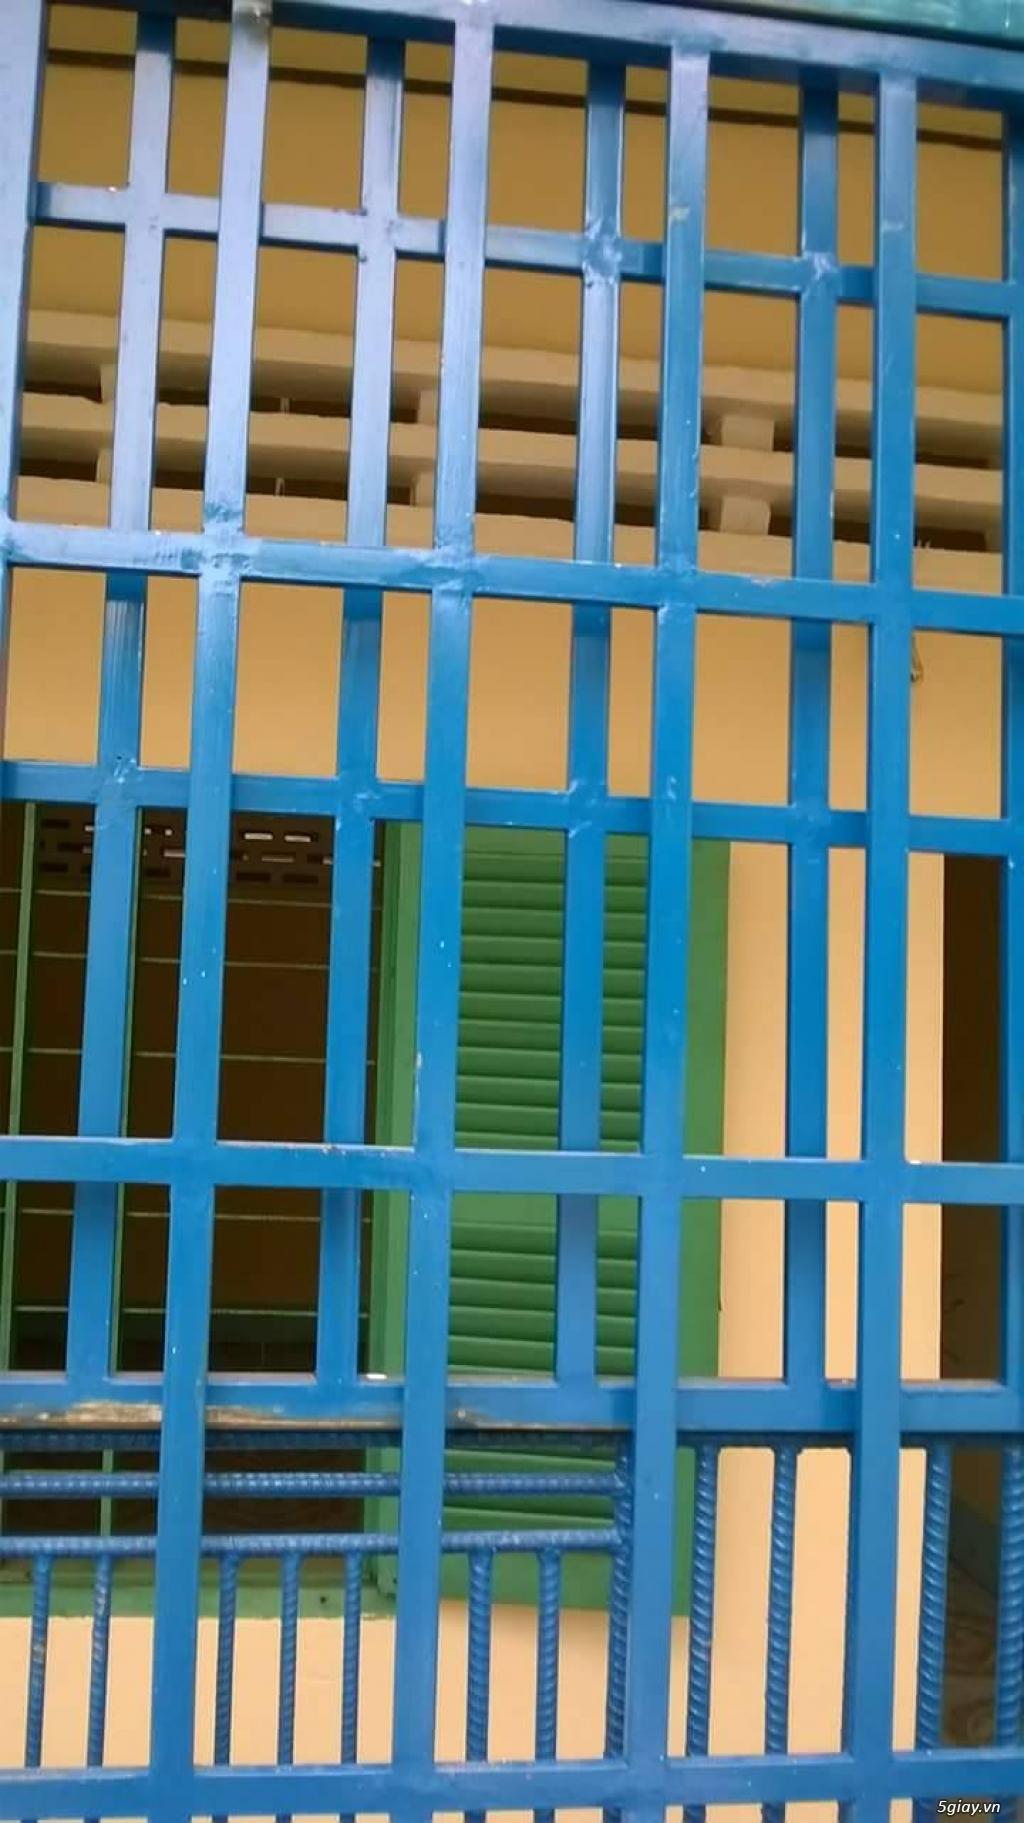 cho thuê nhà nguyên căn gần cầu Rạch Miễu, Tiền Giang - 2